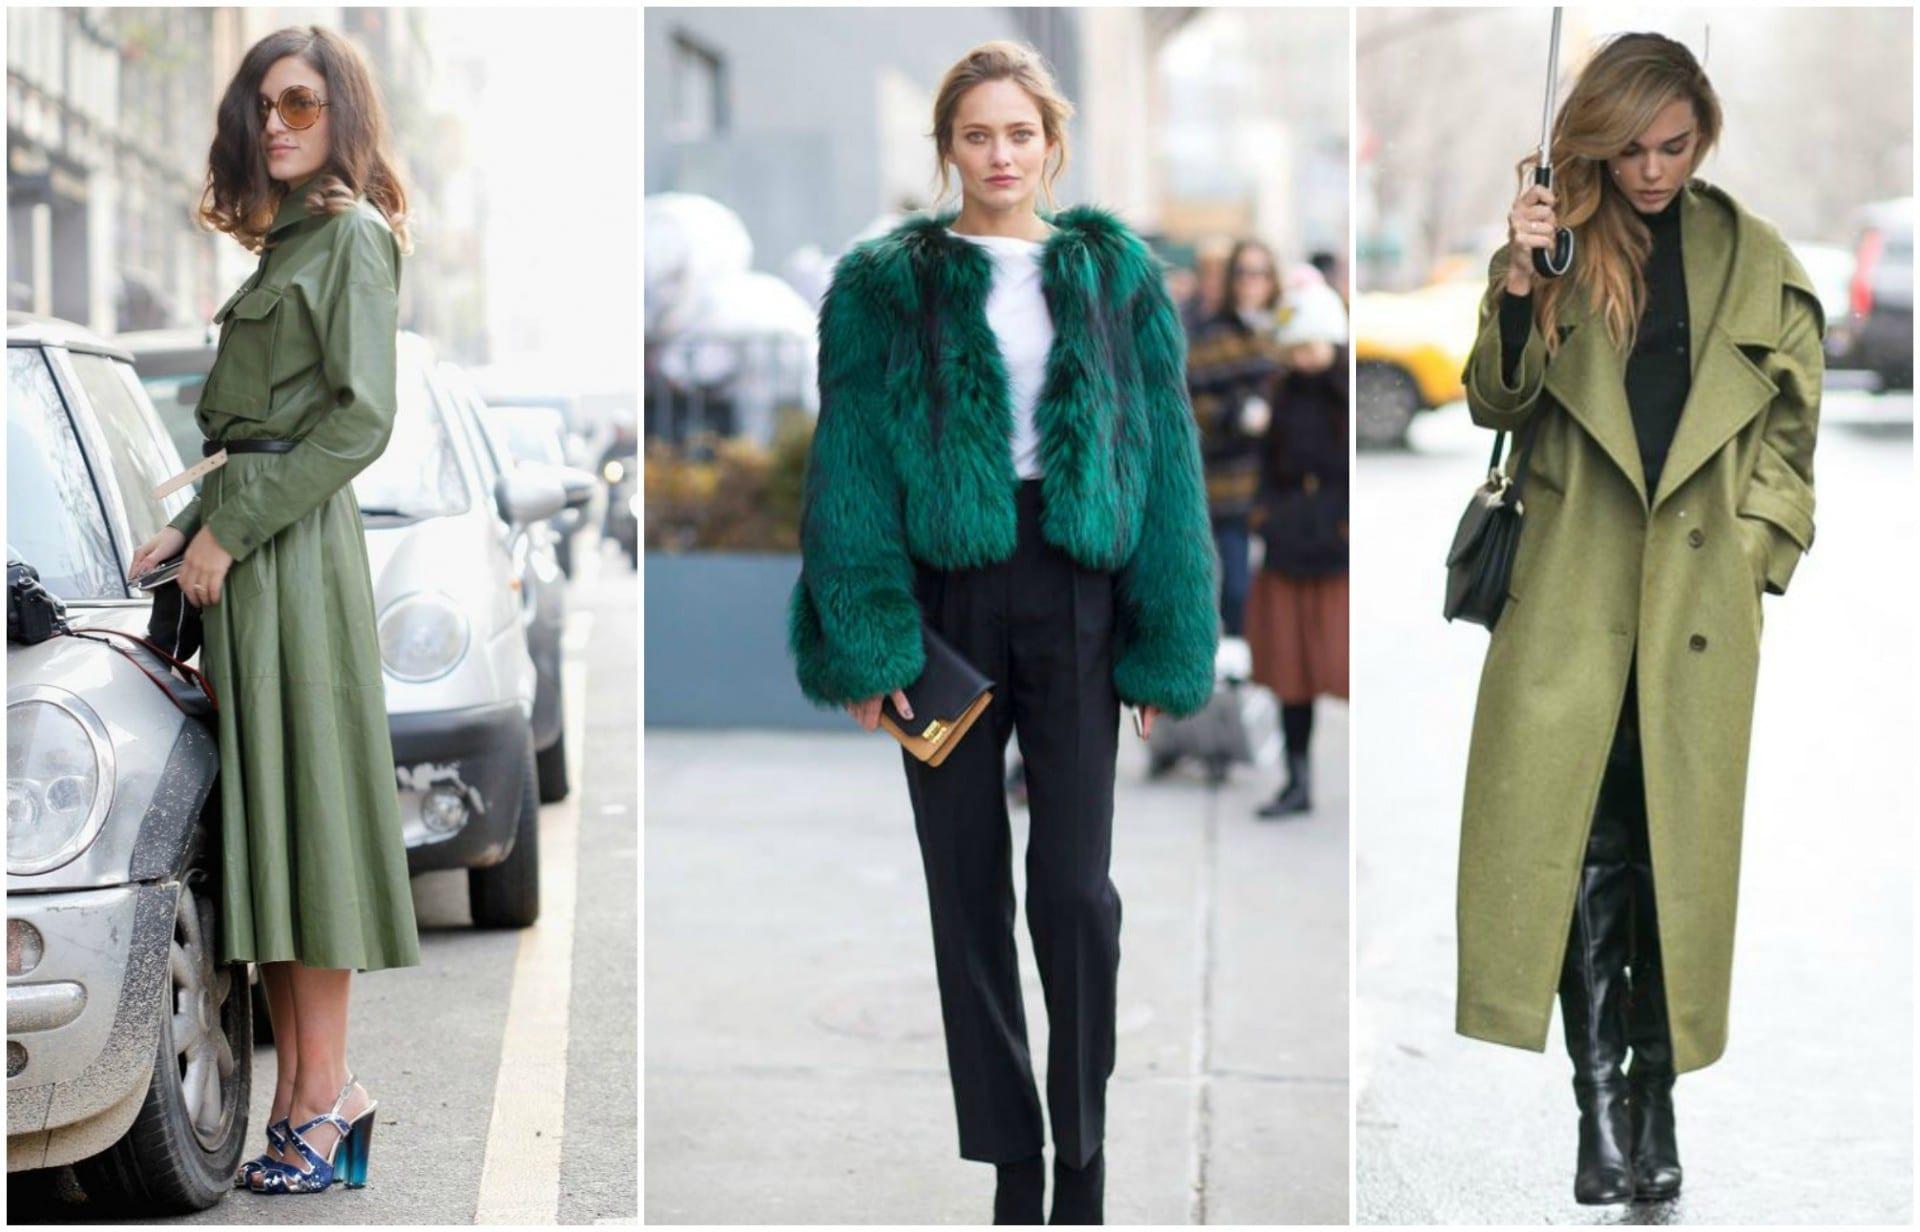 آشنایی با نحوهی استفاده از رنگها در لباس (رنگ سبز)